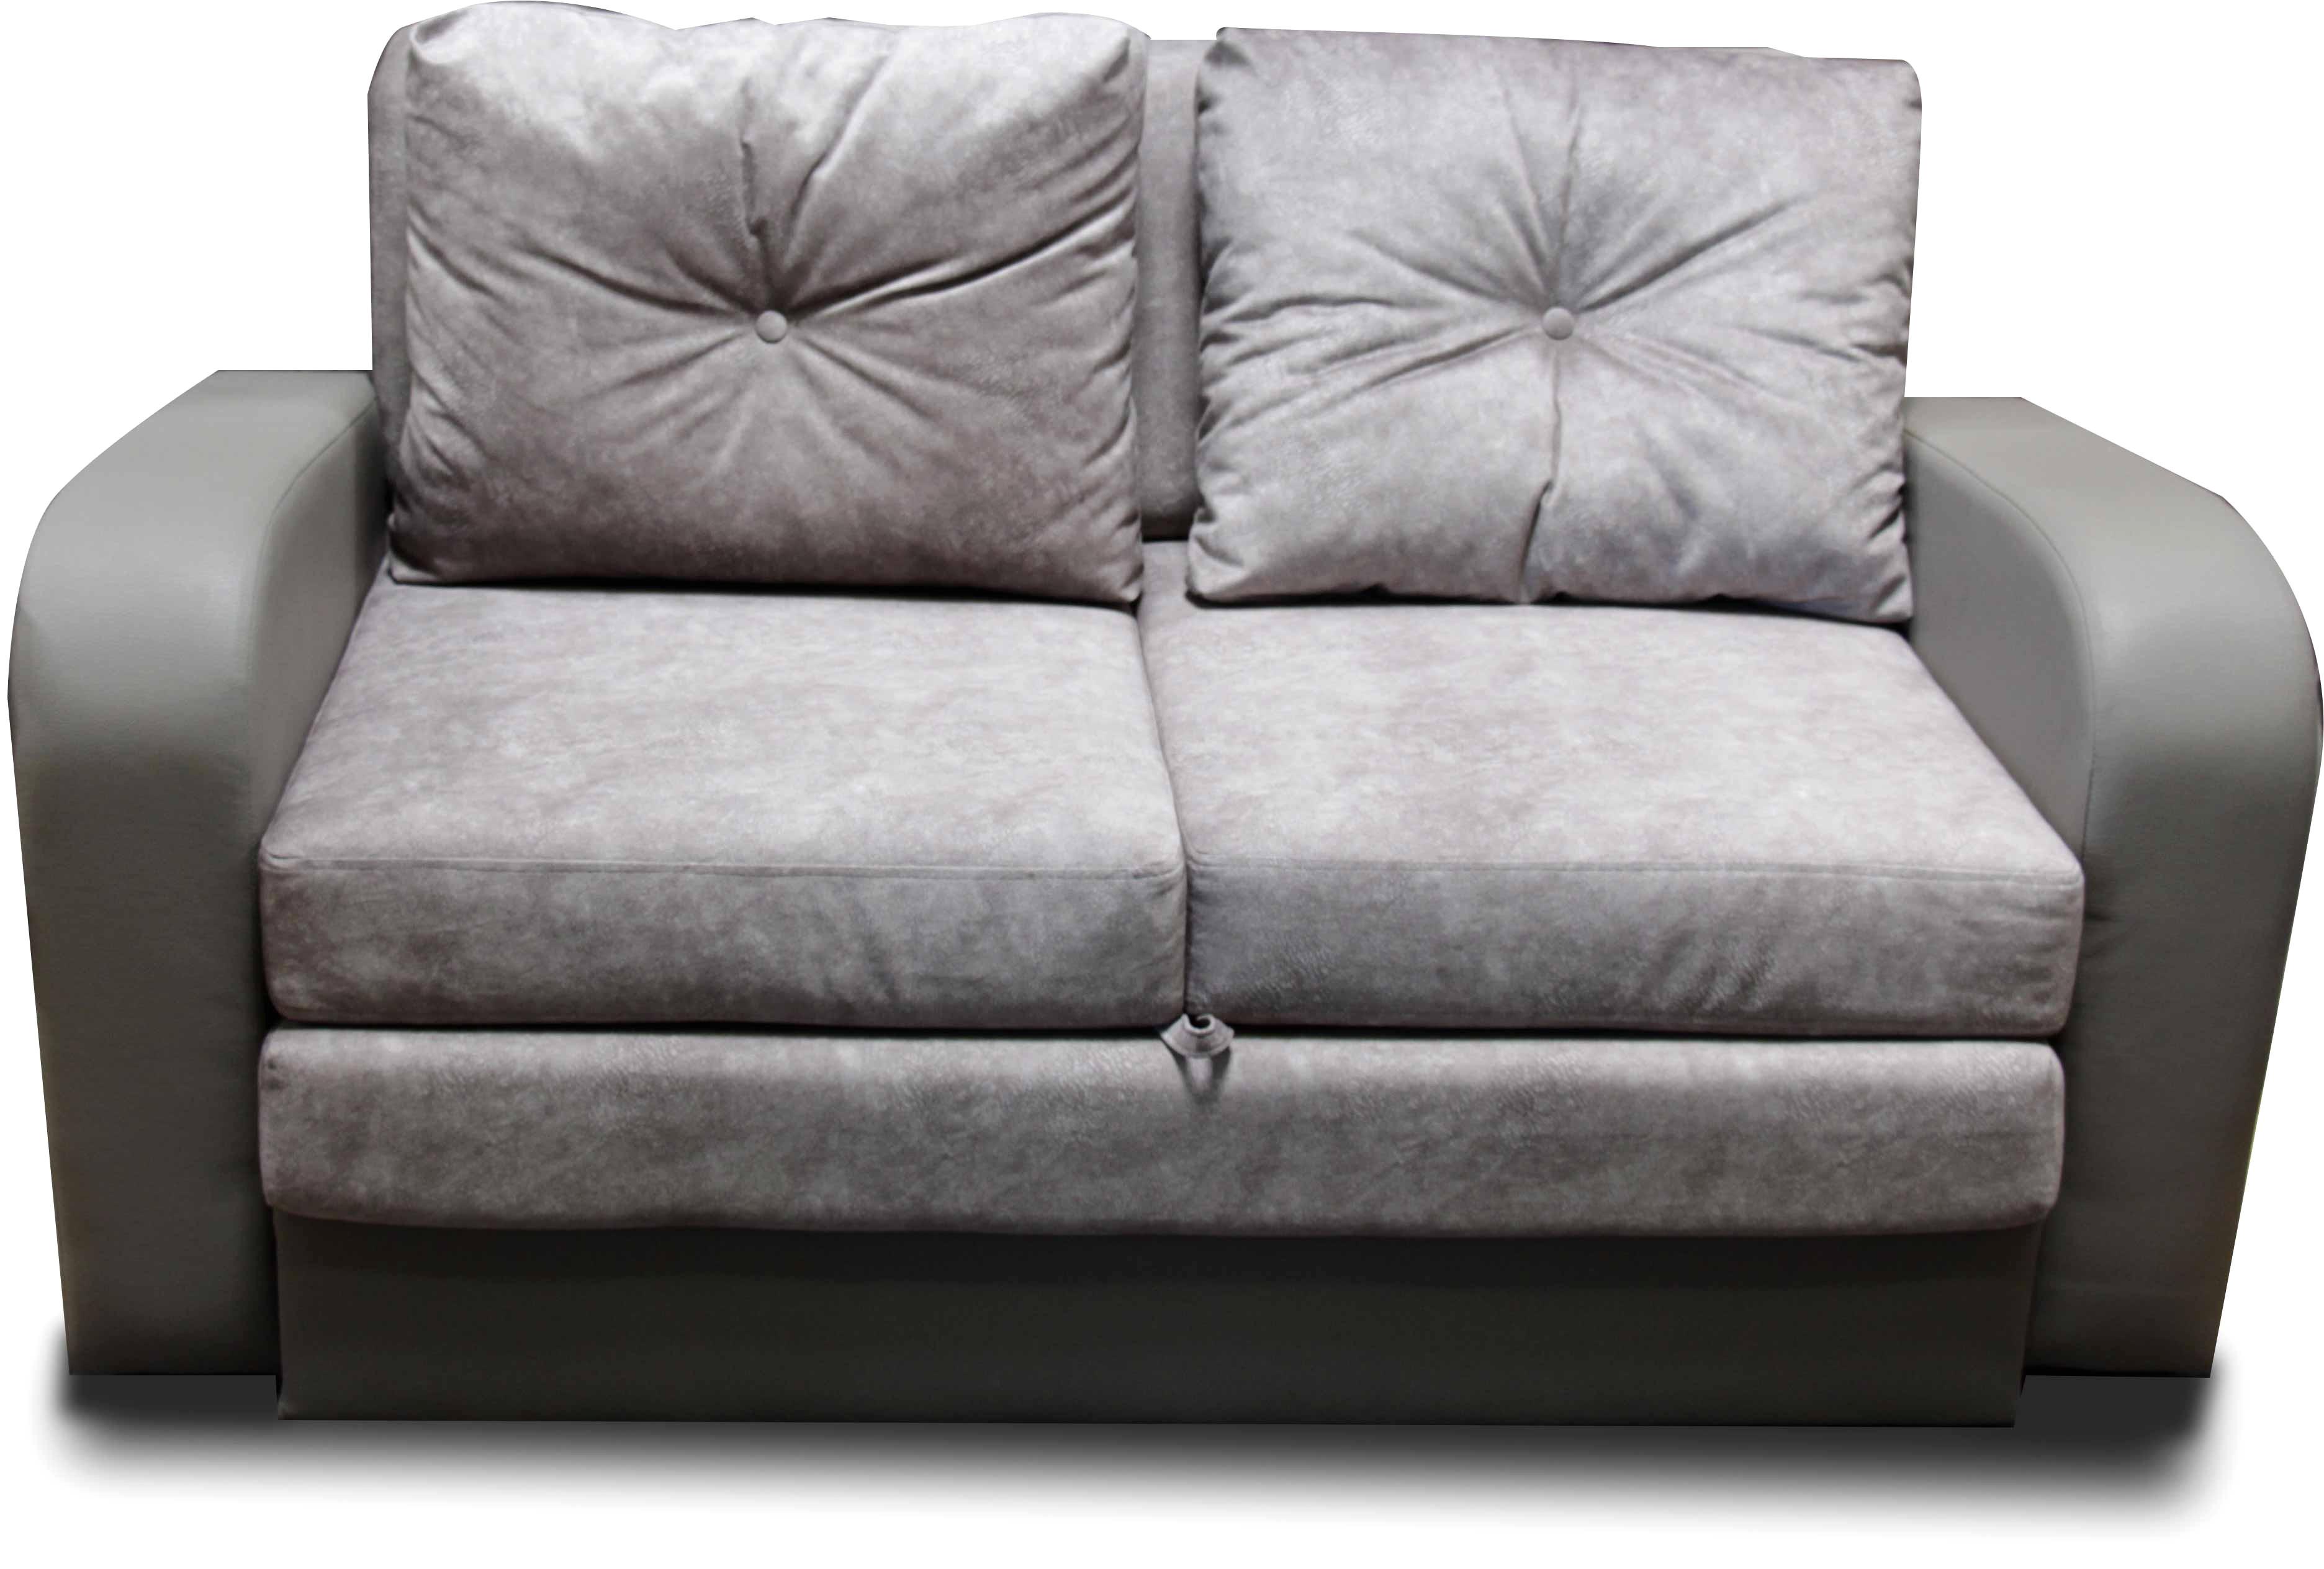 Canapé Convertible Confortable Bultex Beau Images Clic Clac Matelas Bultex Ides